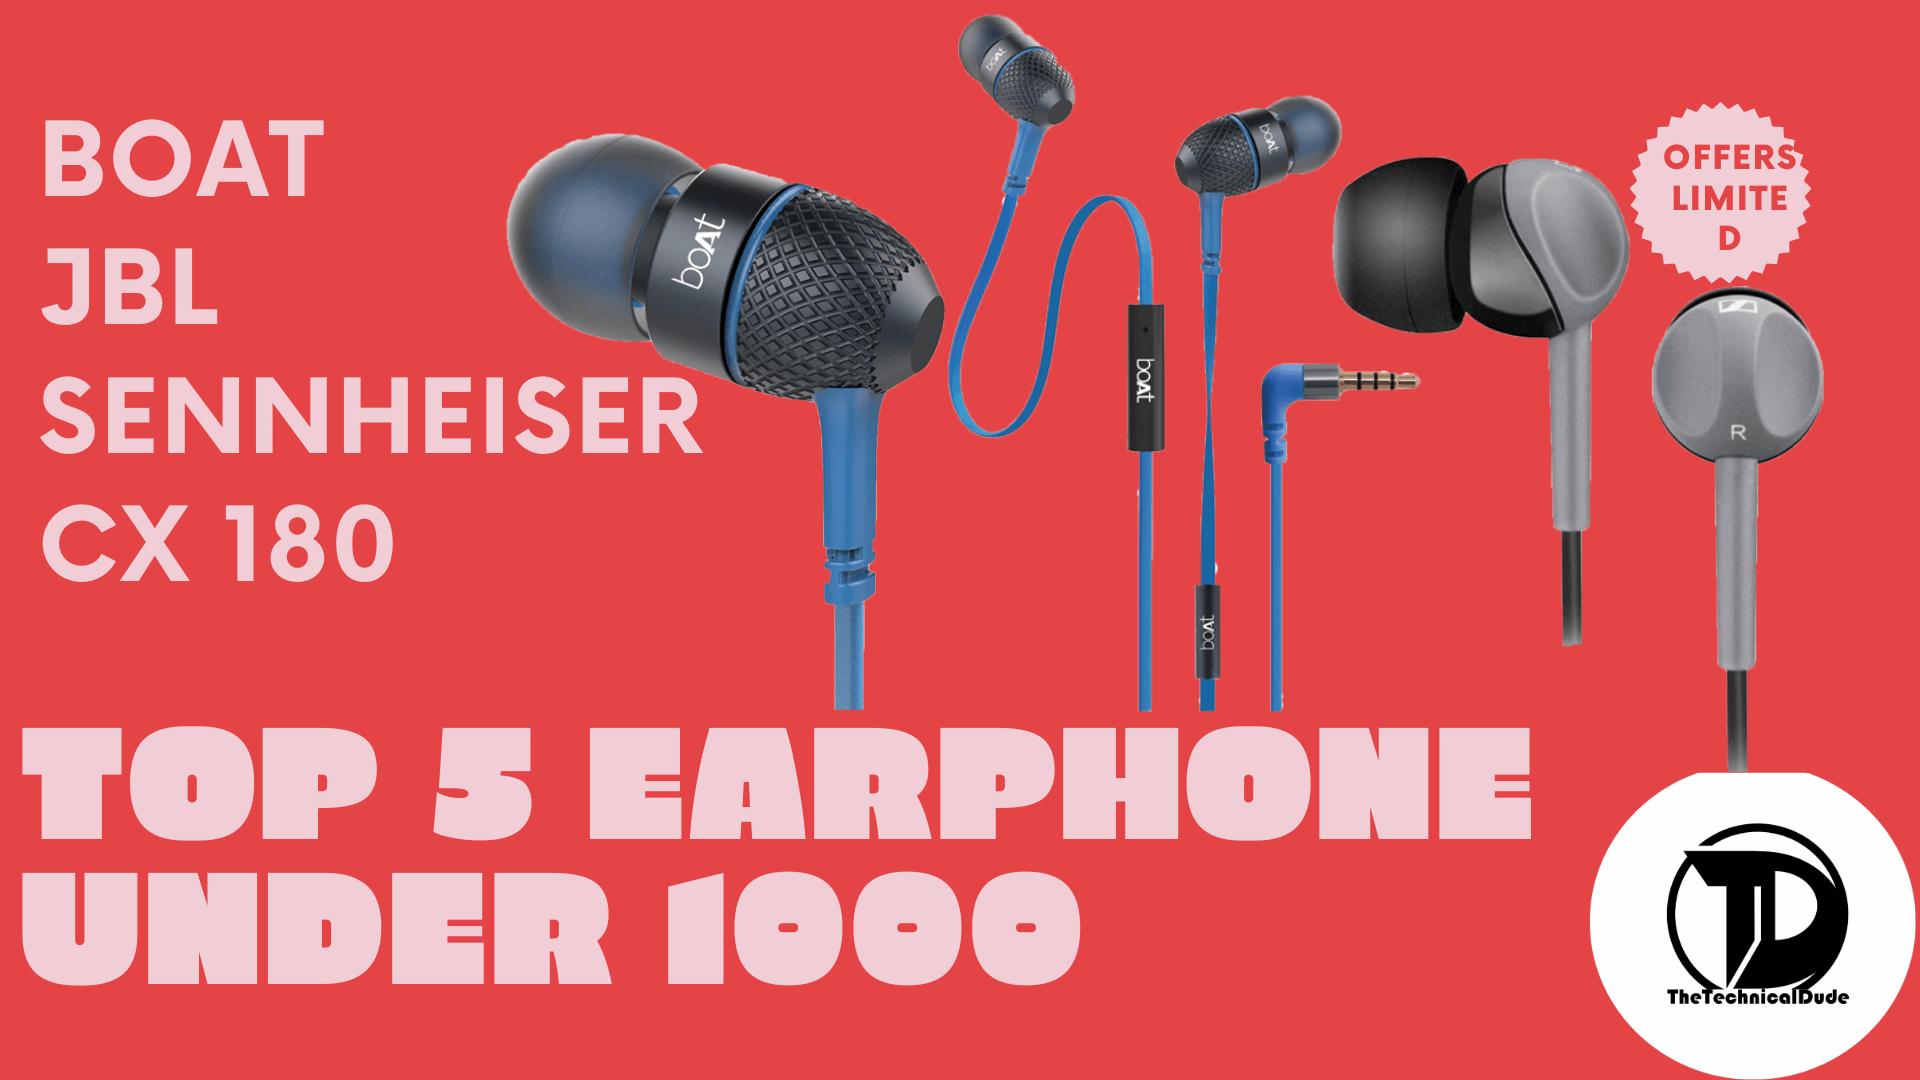 Top 5 Earphone Under 1000